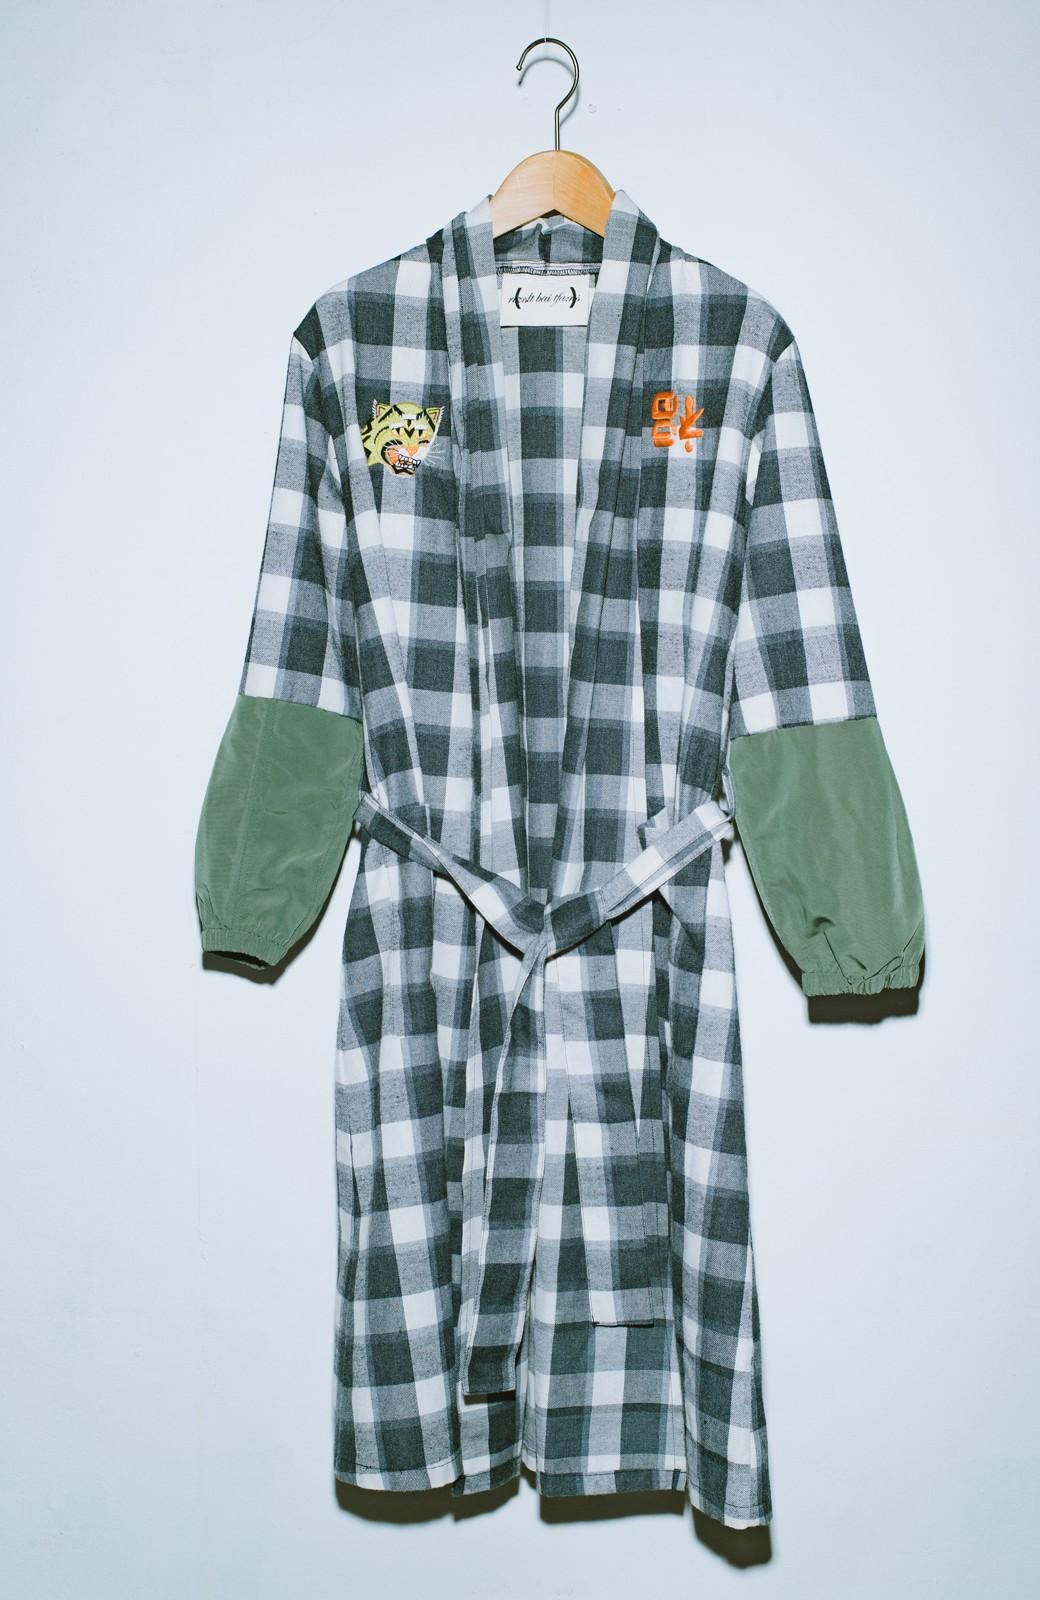 haco! haco! × RBTXCO 三つ目の虎福 刺繍入りチェックガウンコート  <ブラック系その他>の商品写真2